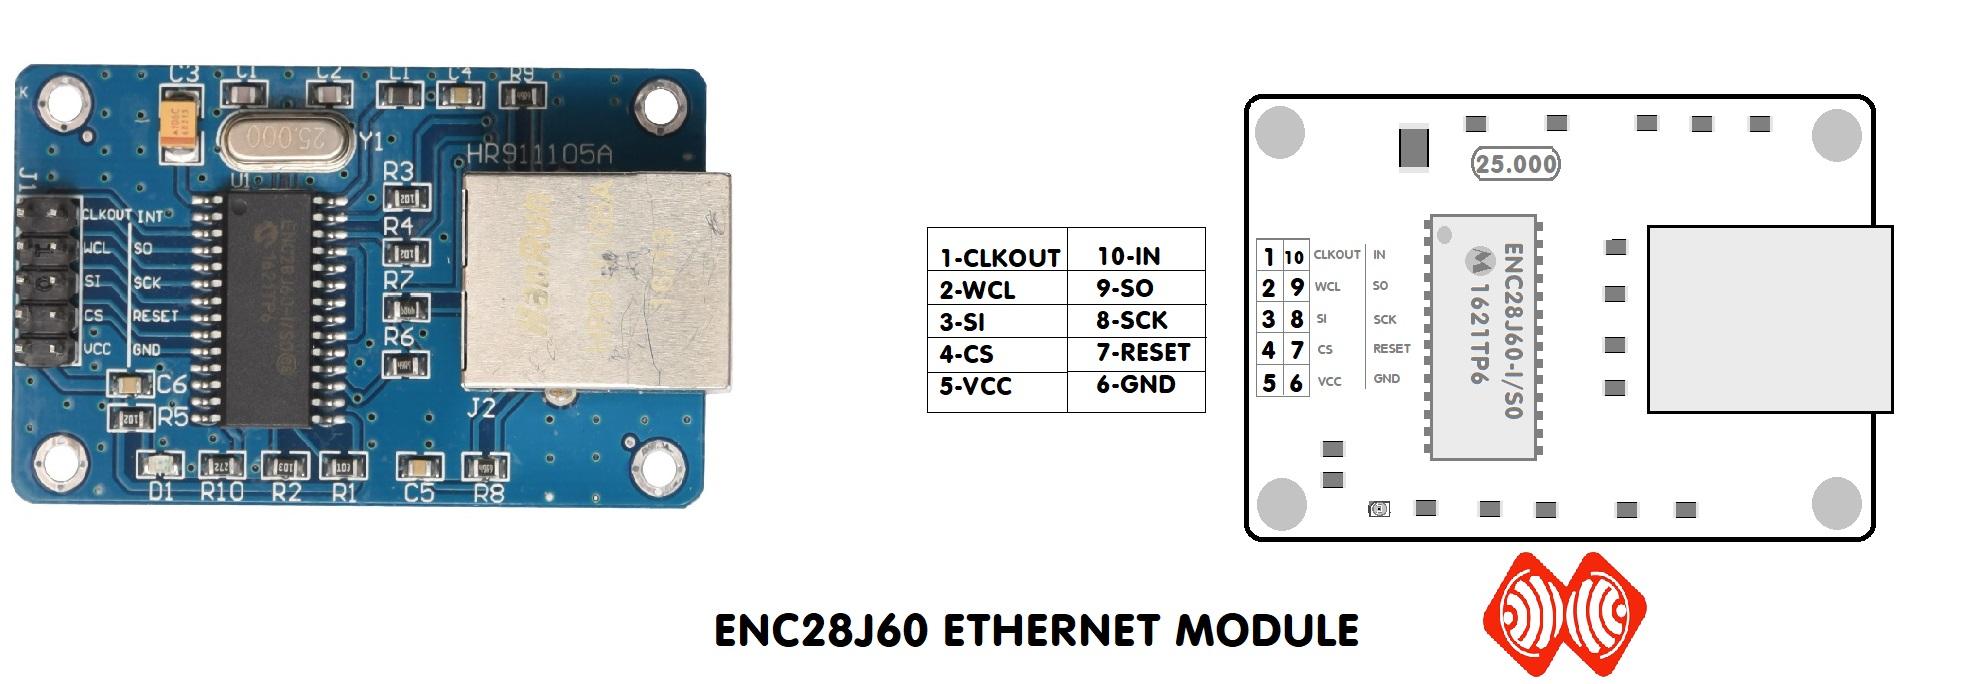 enc28j60 ethernet -ESPrtk - ESP32 RTK